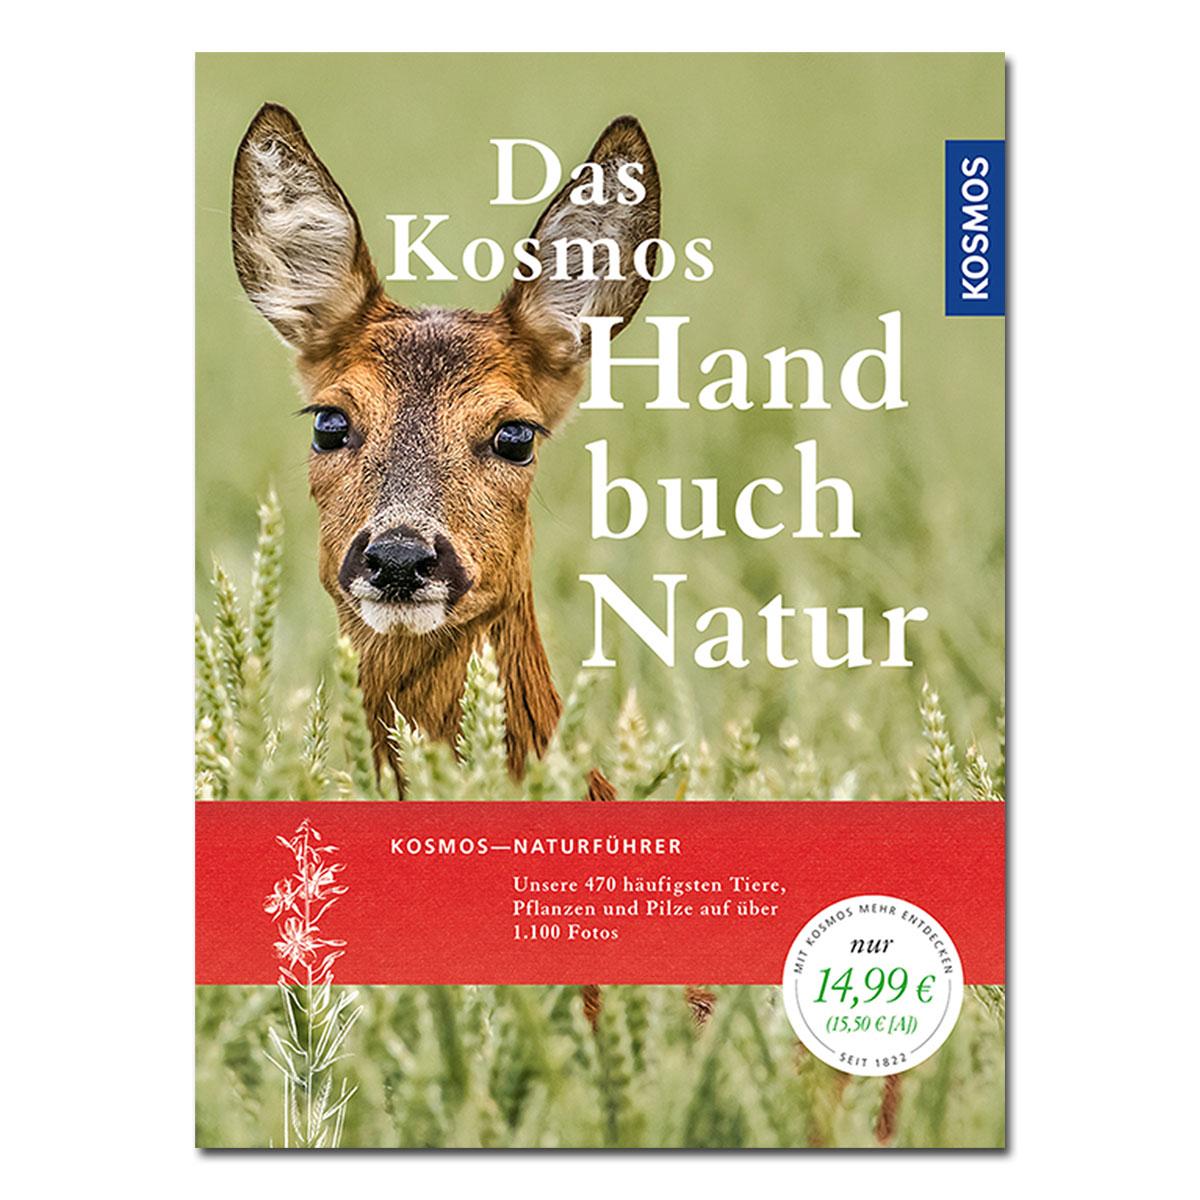 Das Kosmos Handbuch Natur im Pareyshop